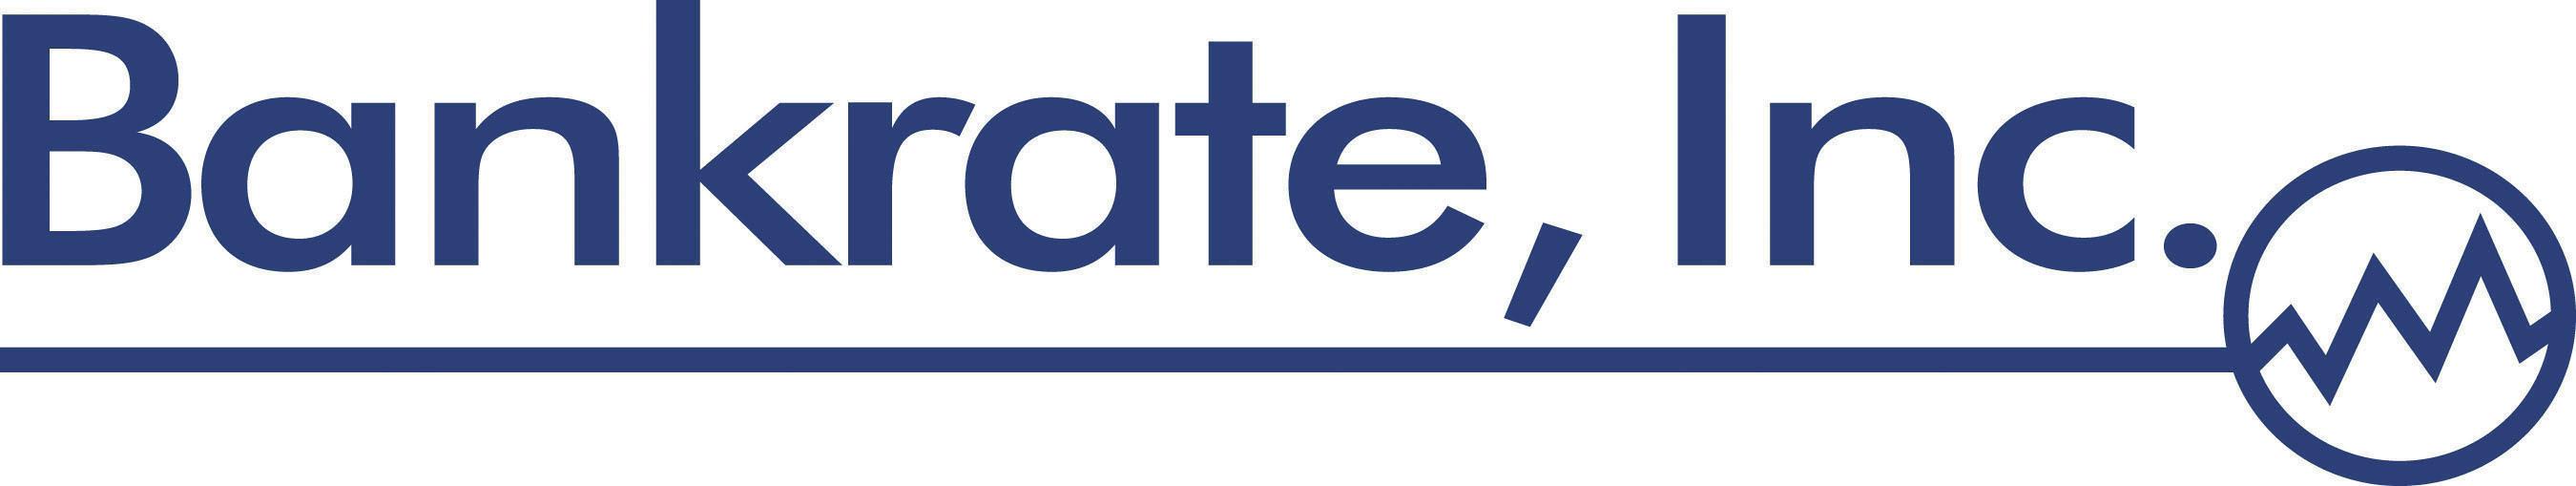 Bankrate, Inc. logo.